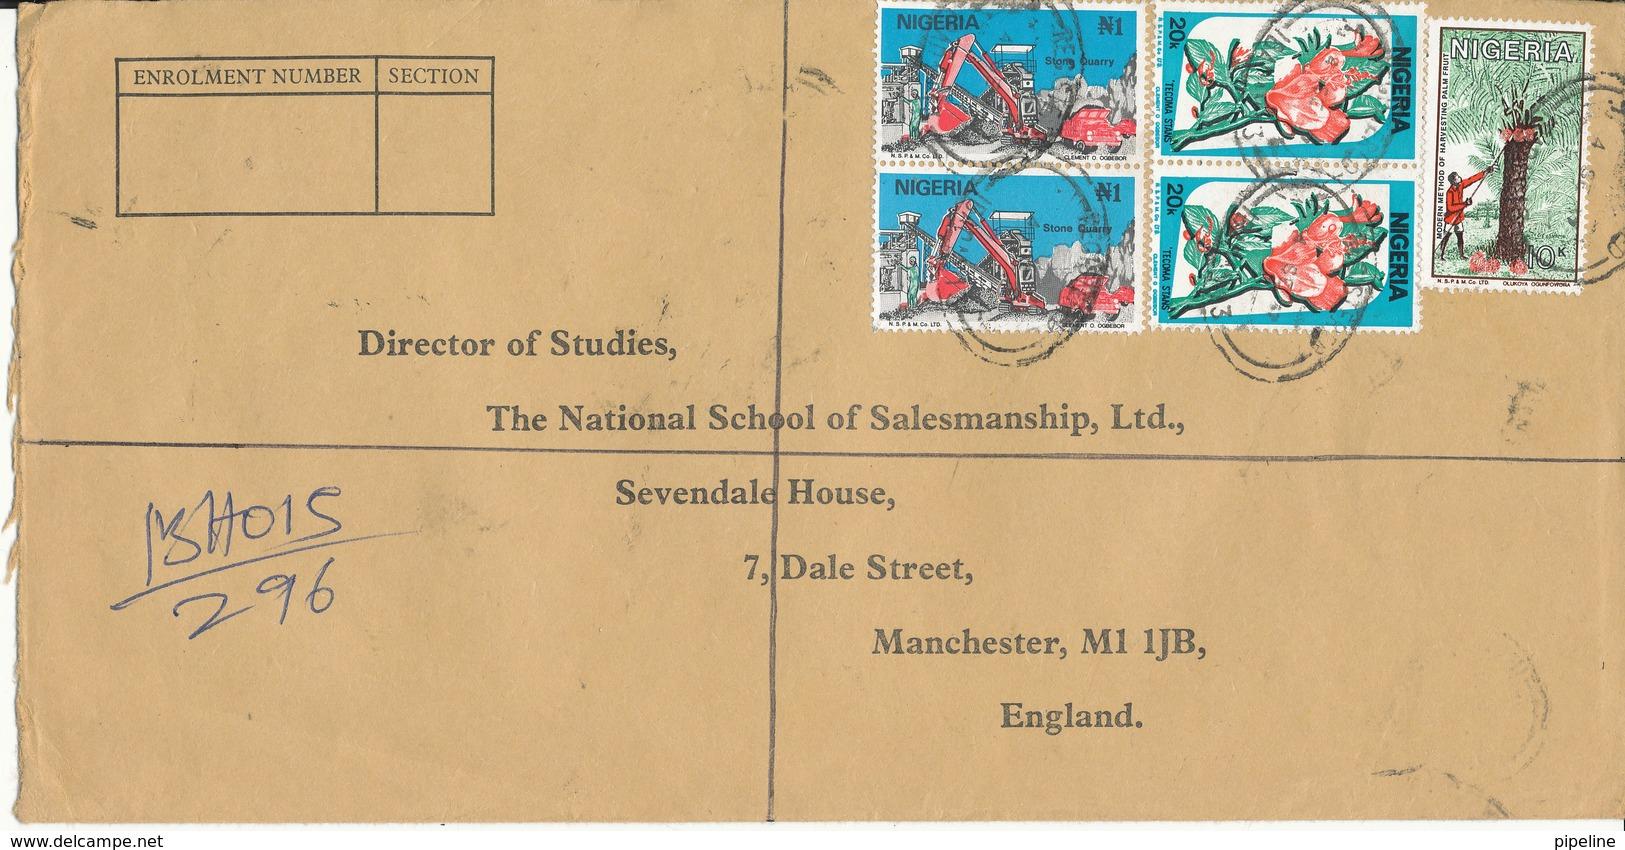 Nigeria Registered Cover Sent To England 4-9-1987 - Nigeria (1961-...)